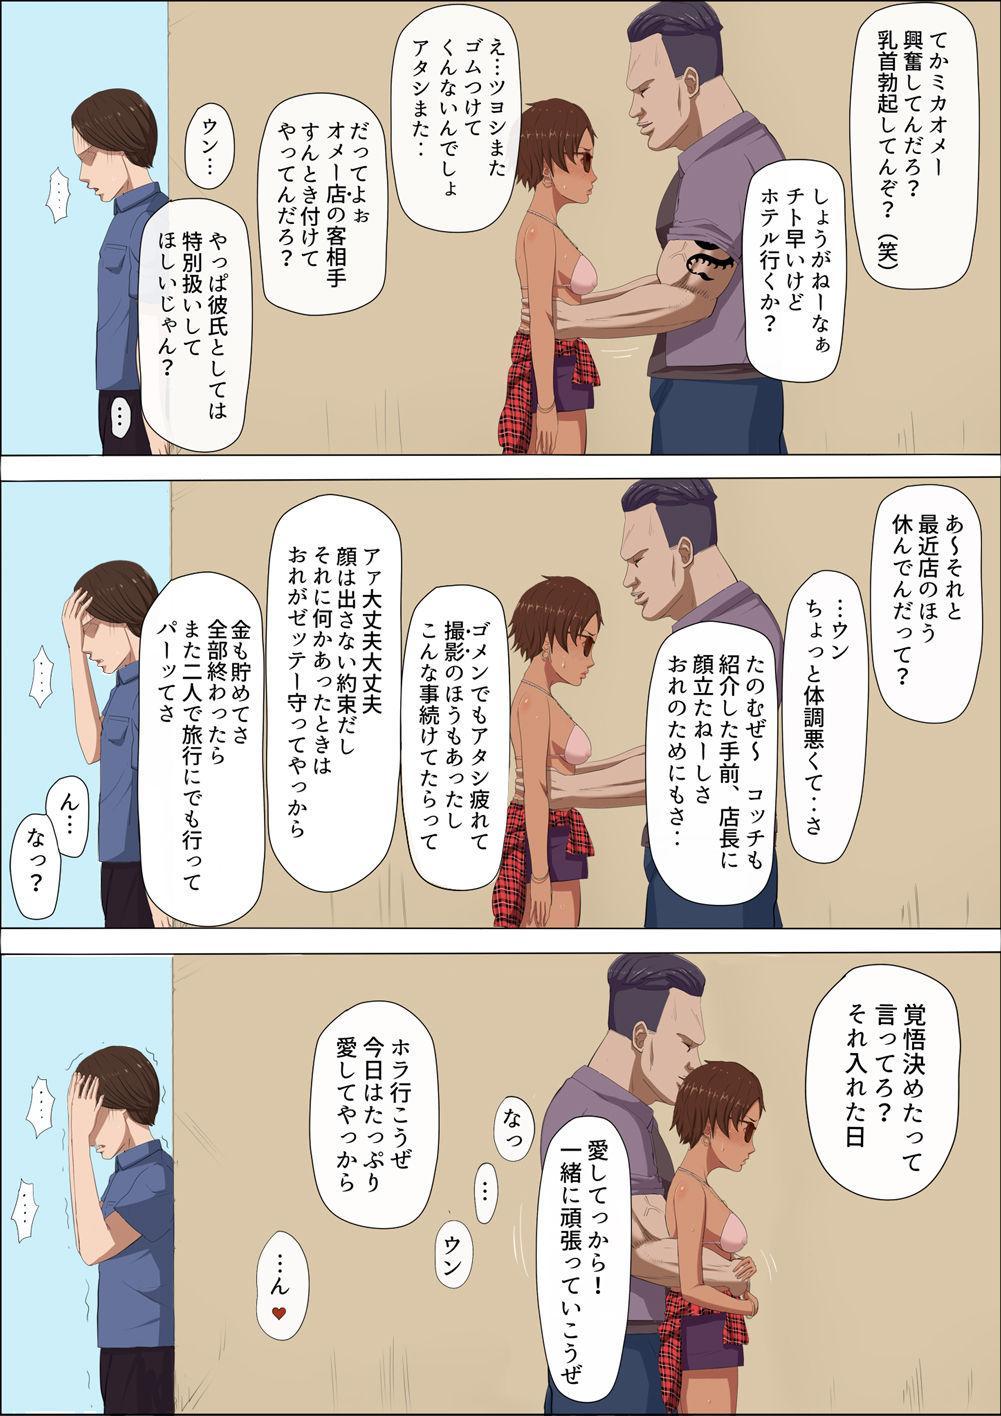 Sonokoro, Anoko wa... 3 114